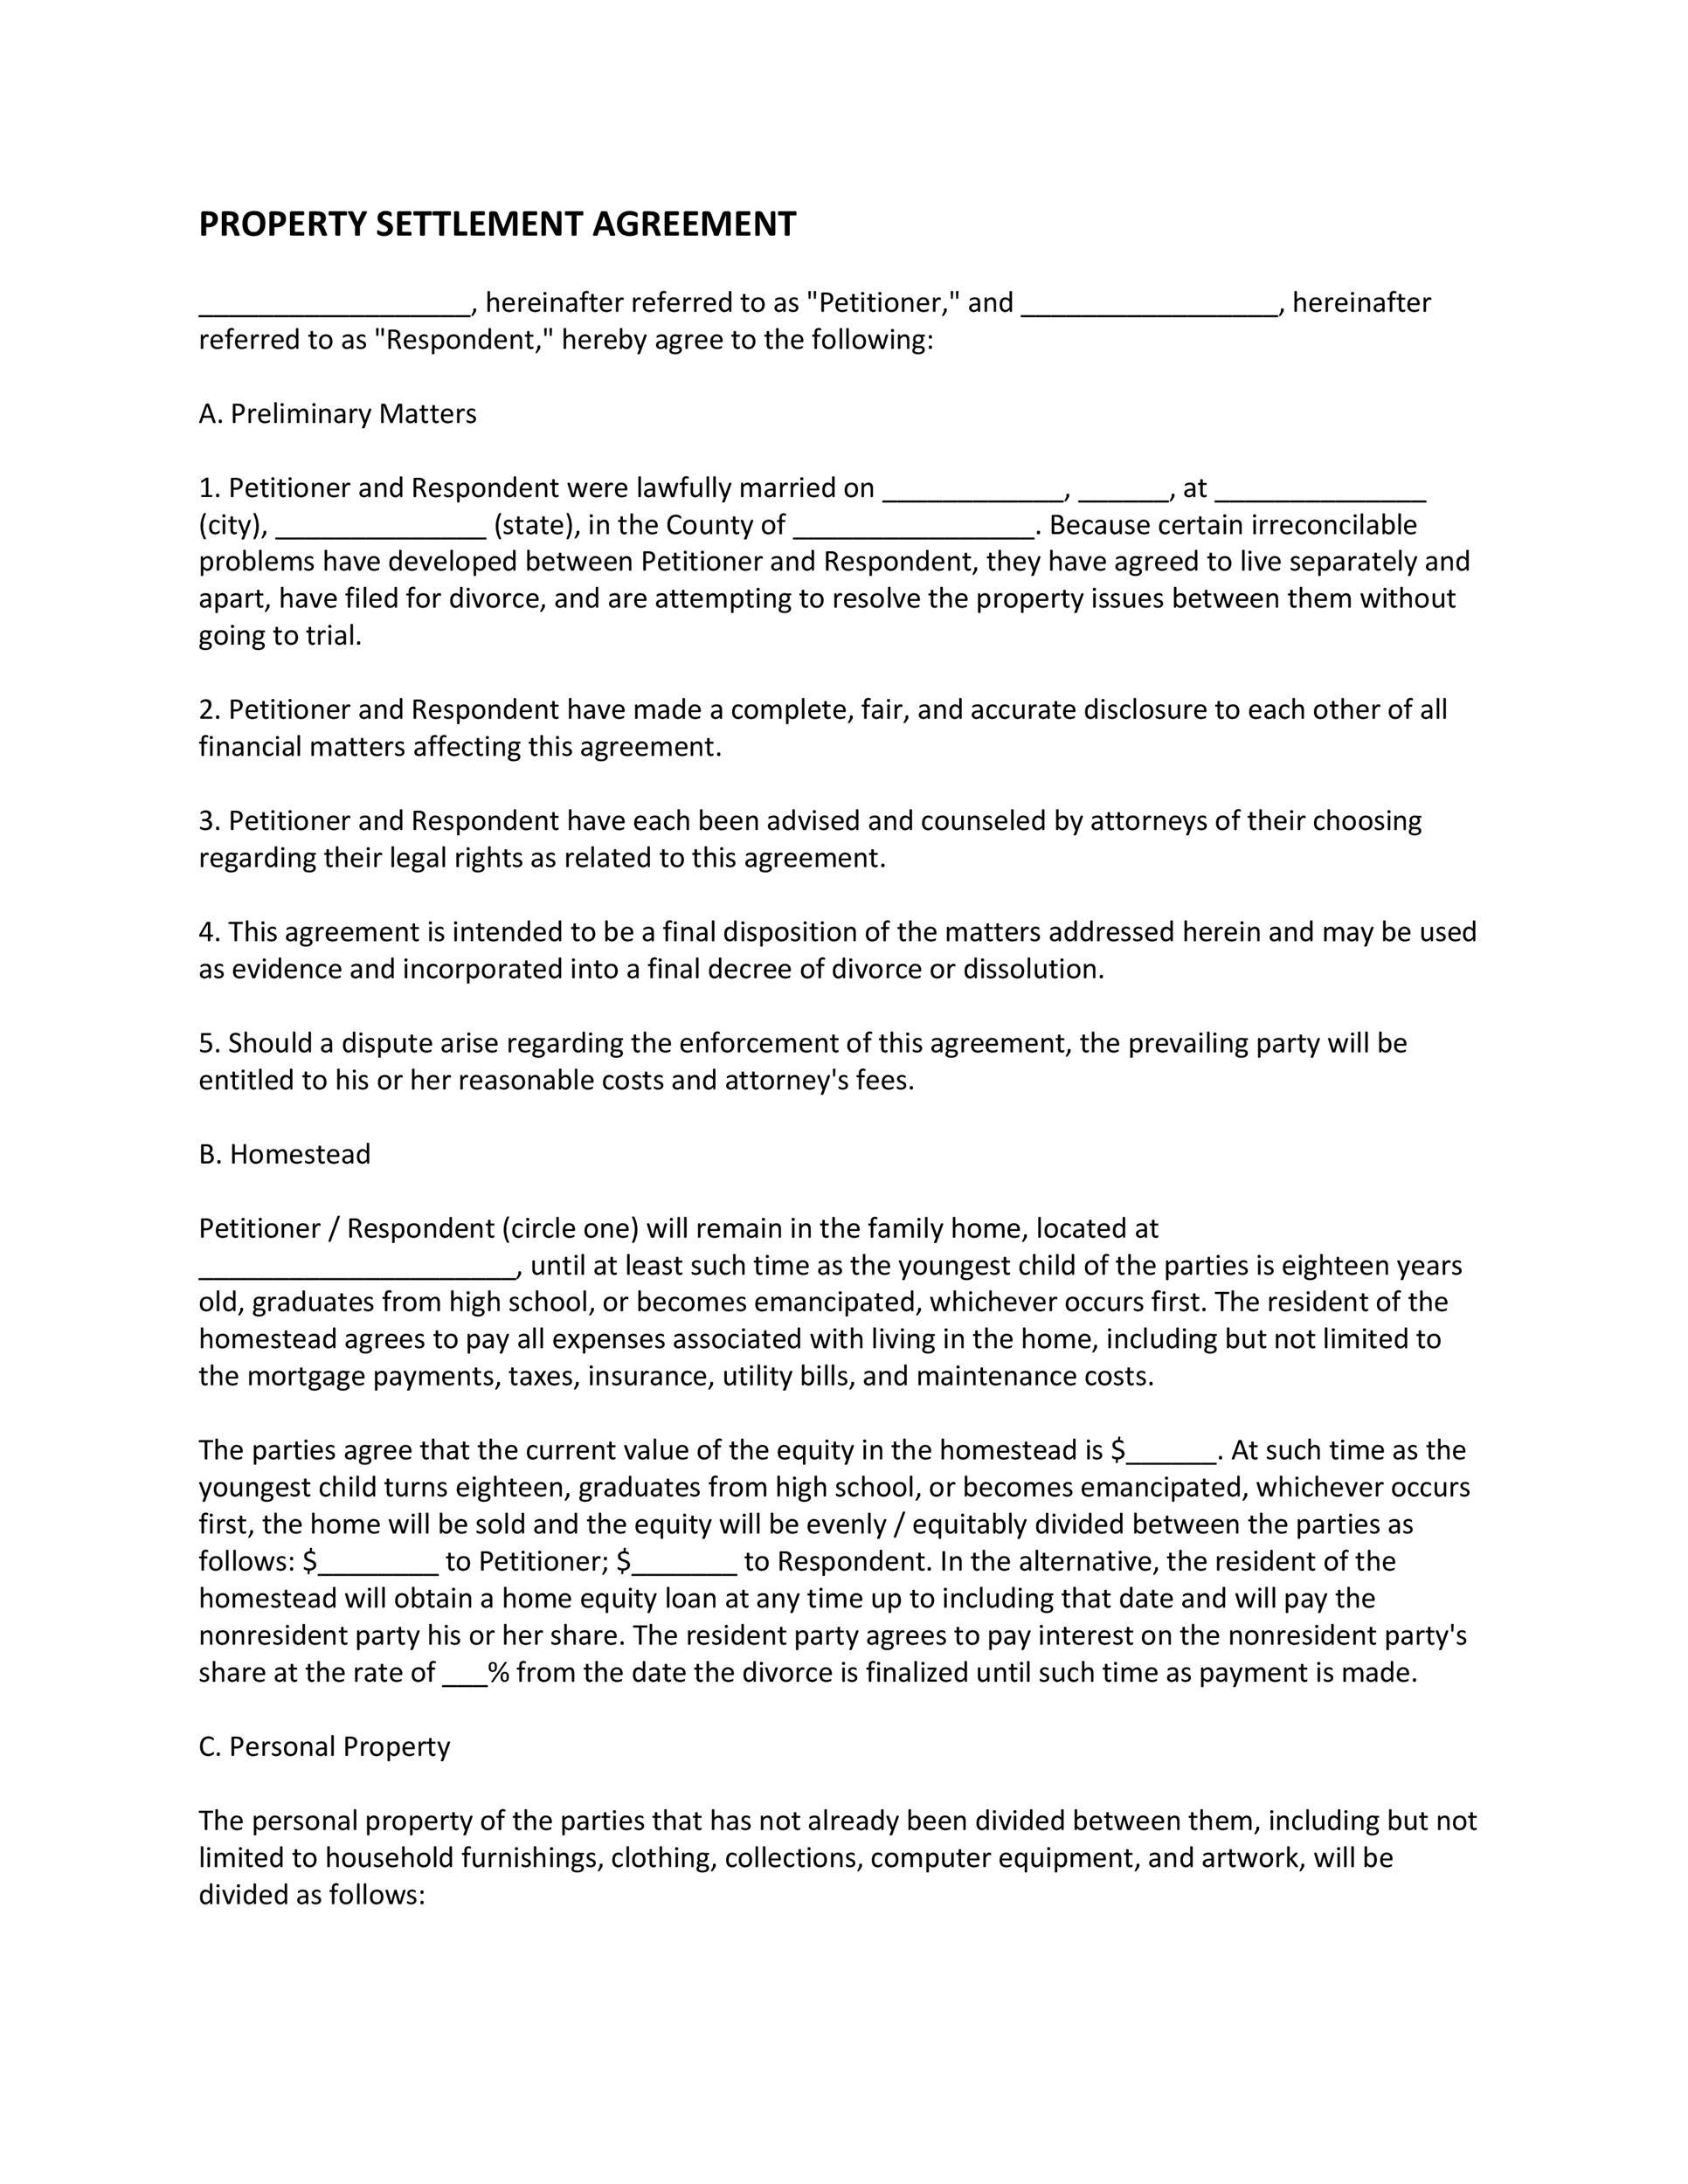 Free settlement agreement 19